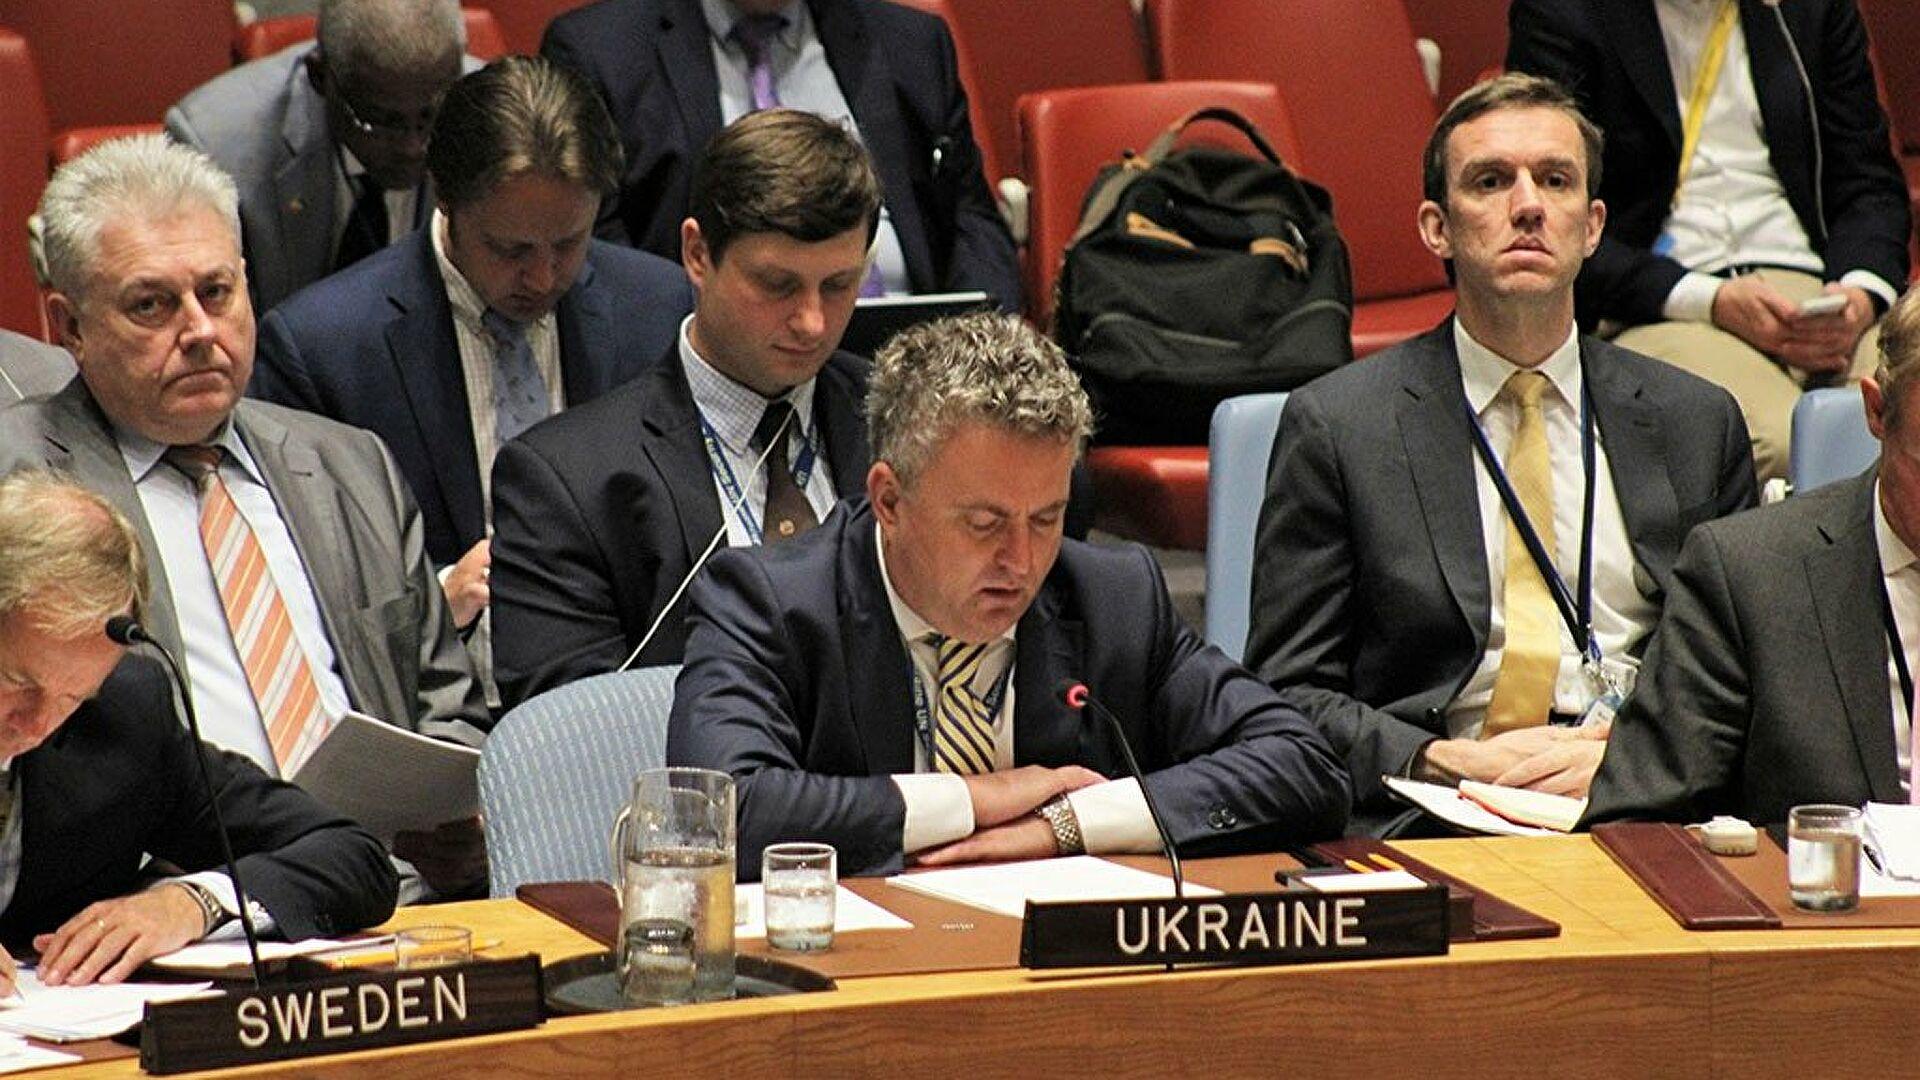 Амбасадор Украјине при УН-у позвао да се Русији одузме право вета у СБ УН-у